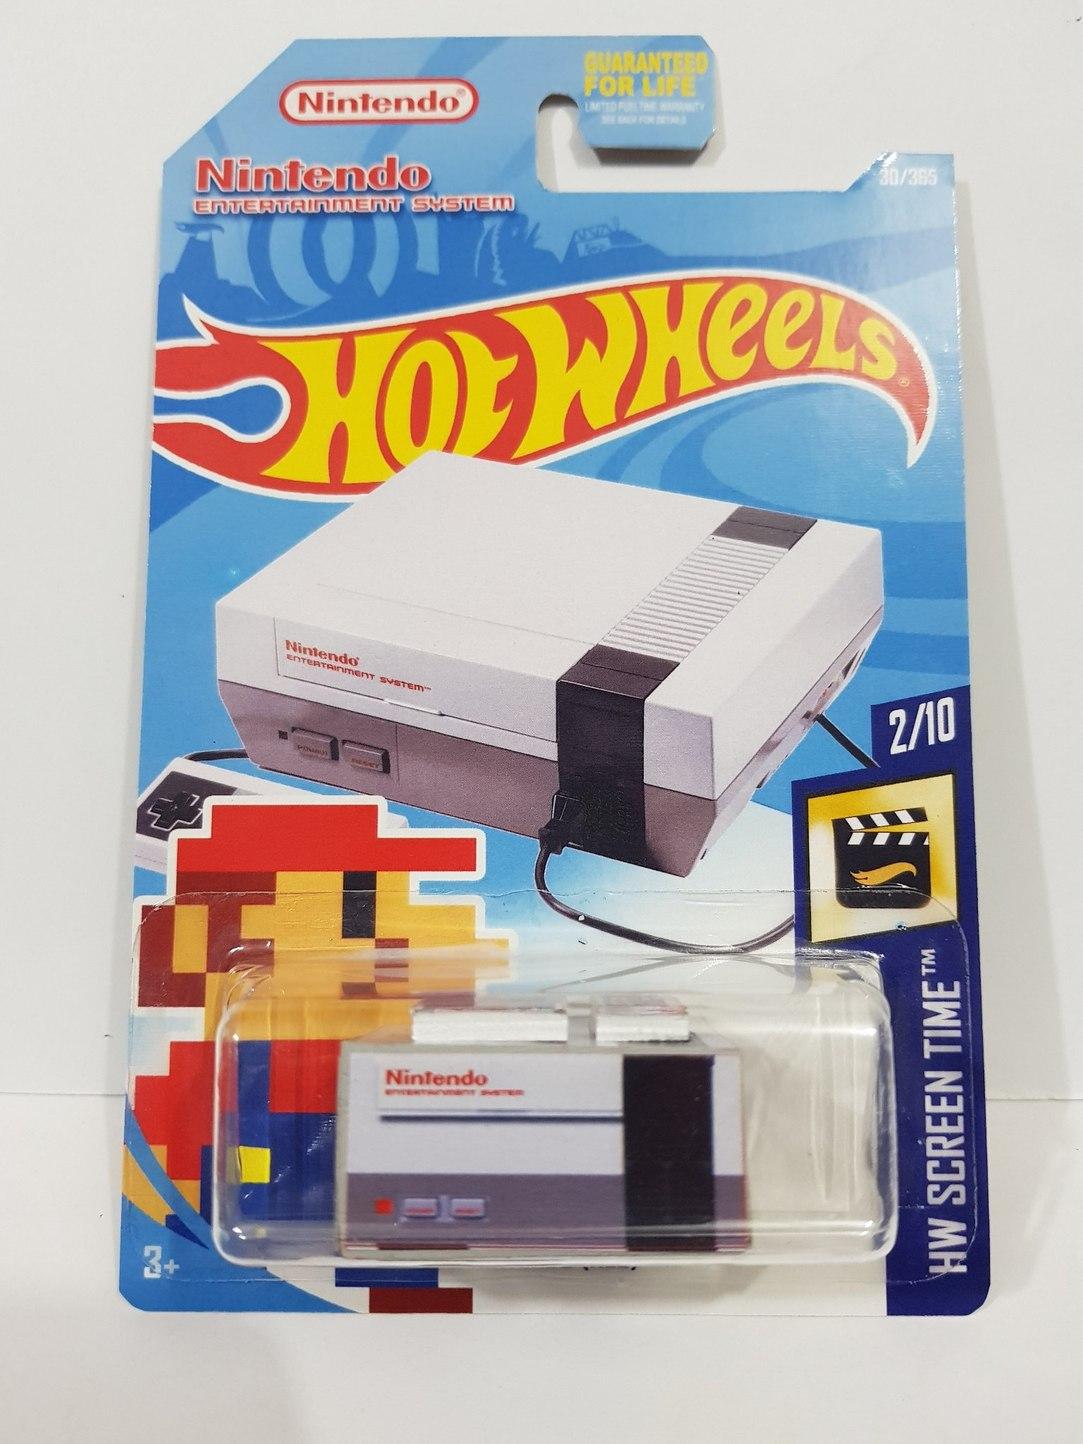 Nintendo nes hotwheels - meme